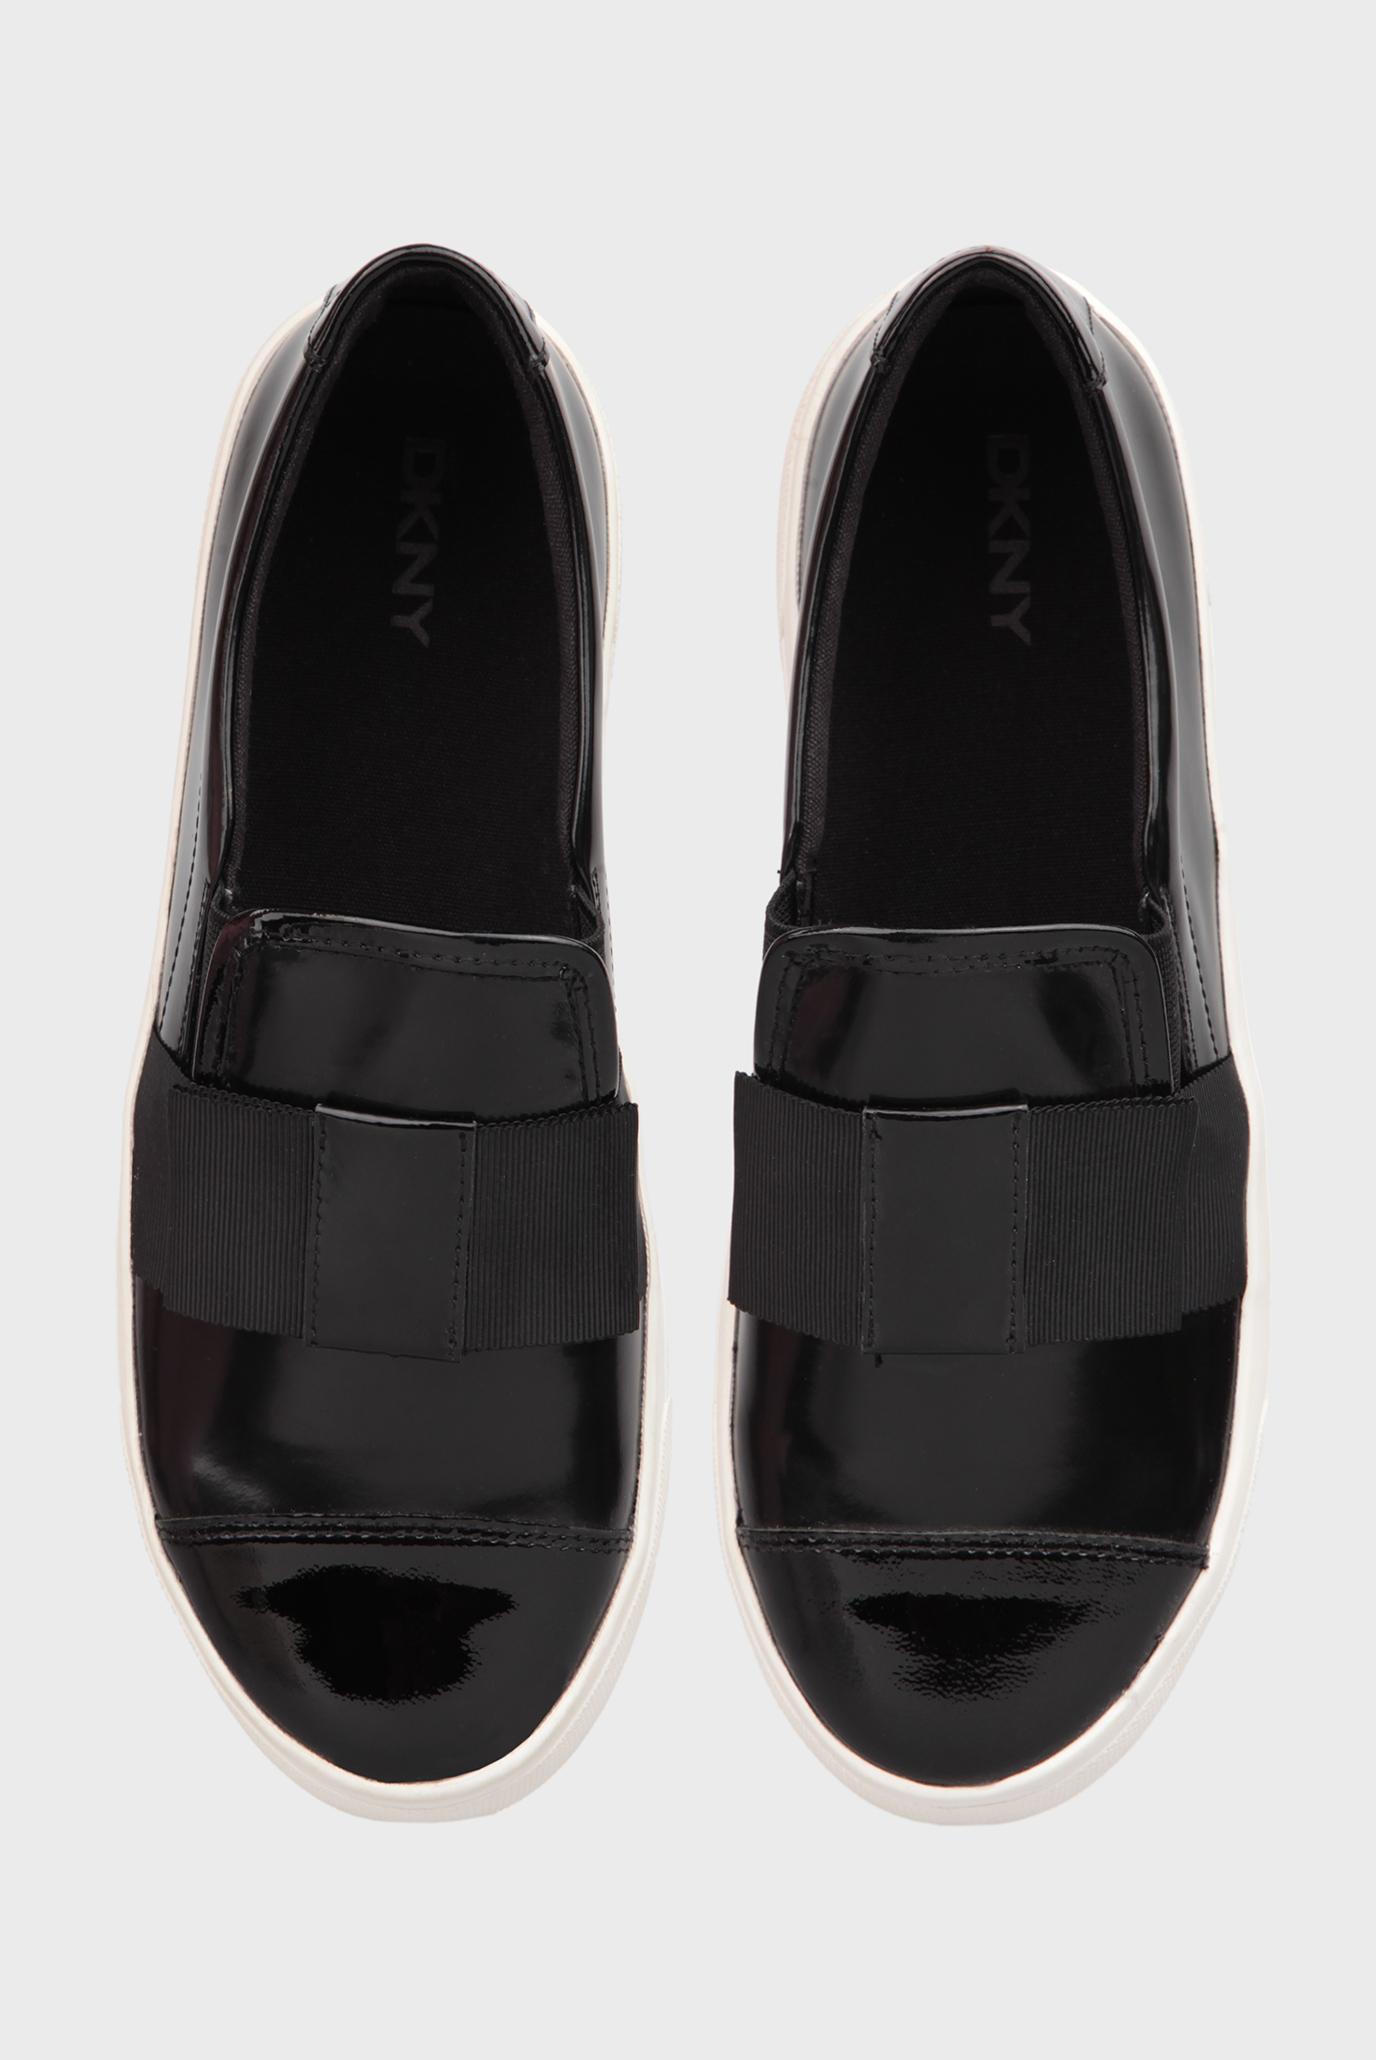 Купить Женские черные слипоны с бантом DKNY DKNY 23453388 – Киев, Украина. Цены в интернет магазине MD Fashion